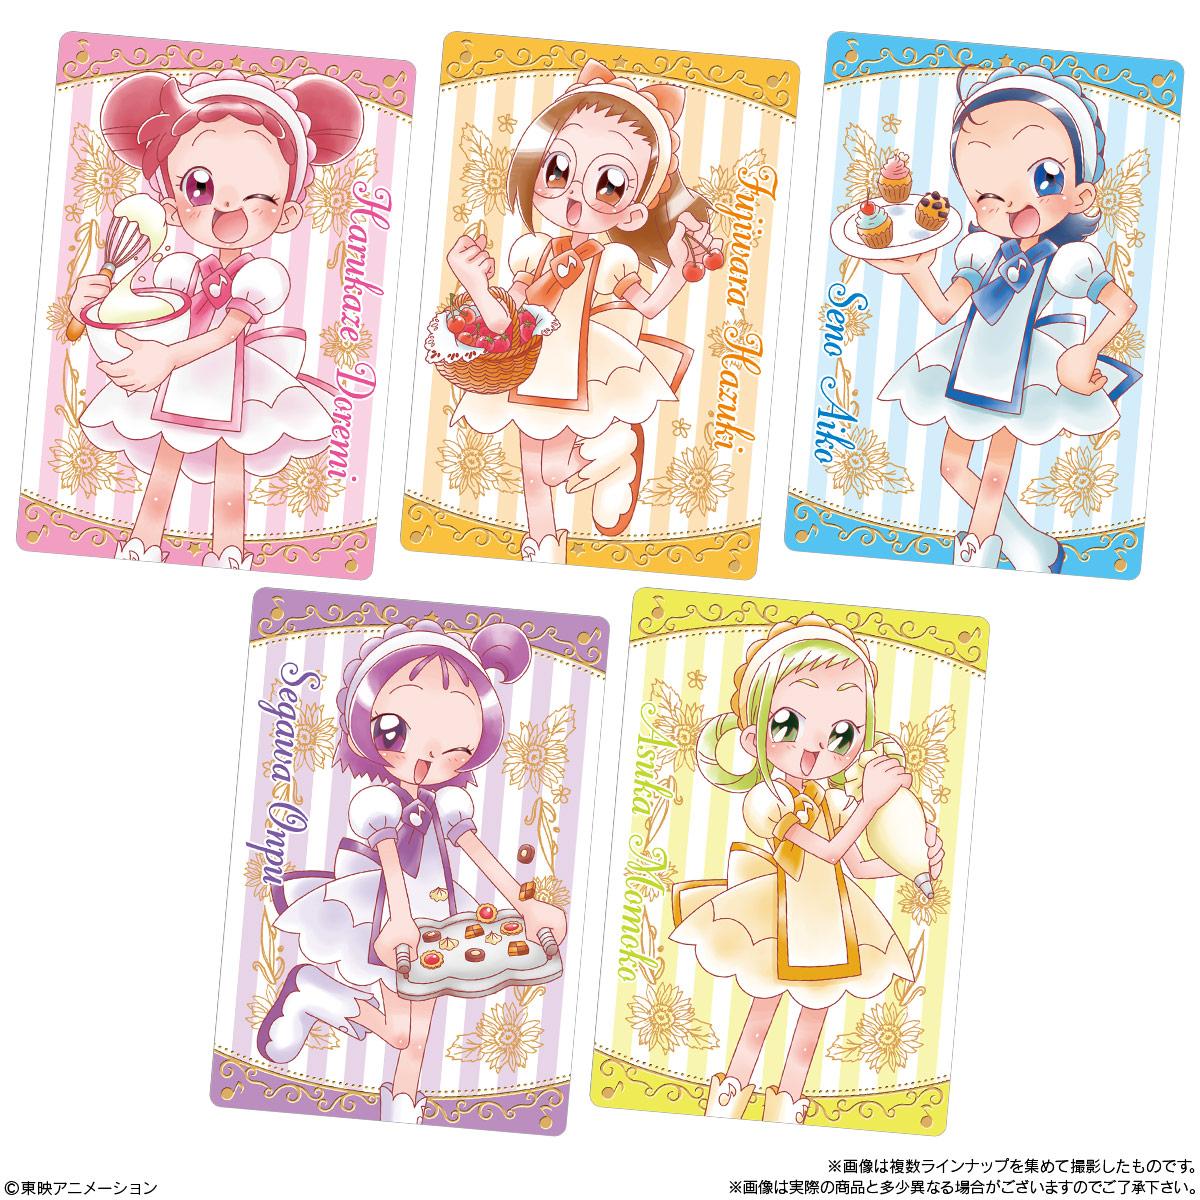 【食玩】おジャ魔女どれみ『おジャ魔女どれみカードウエハース』20個入りBOX-003